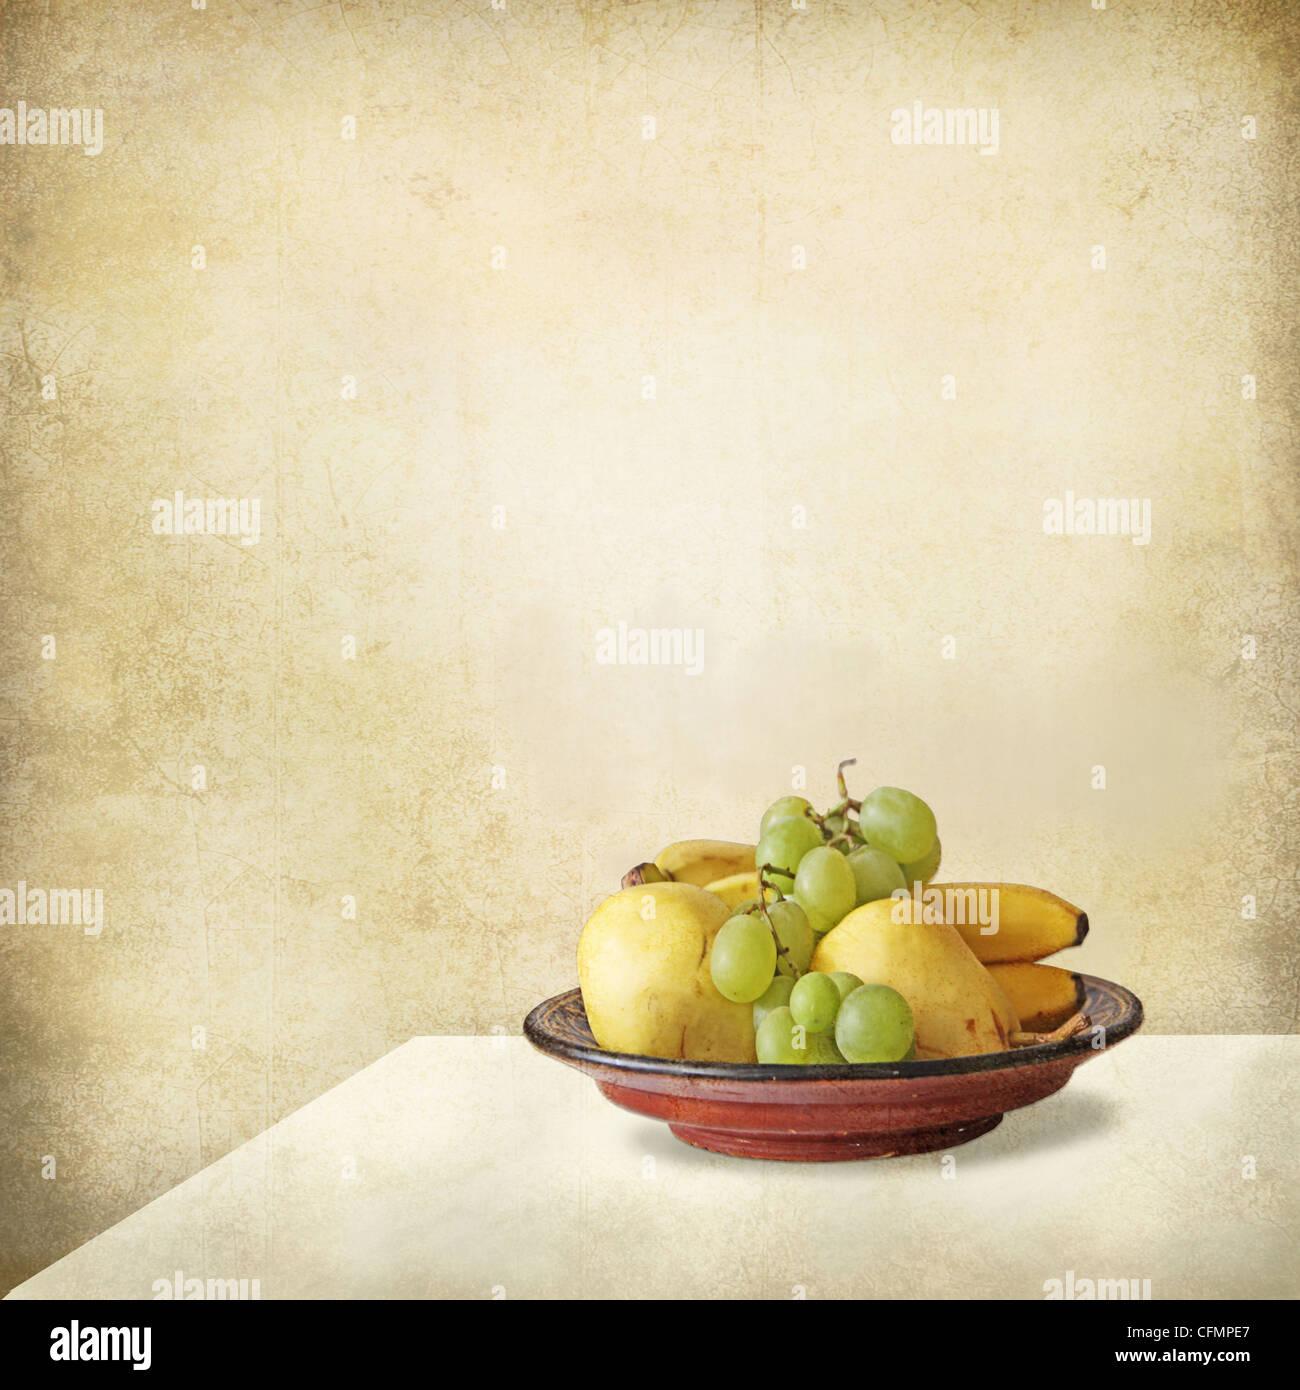 Grunge ancora in vita di una luce interiore, un tavolo e un vassoio pieno di frutta, uva, banane, pere. Foto Stock